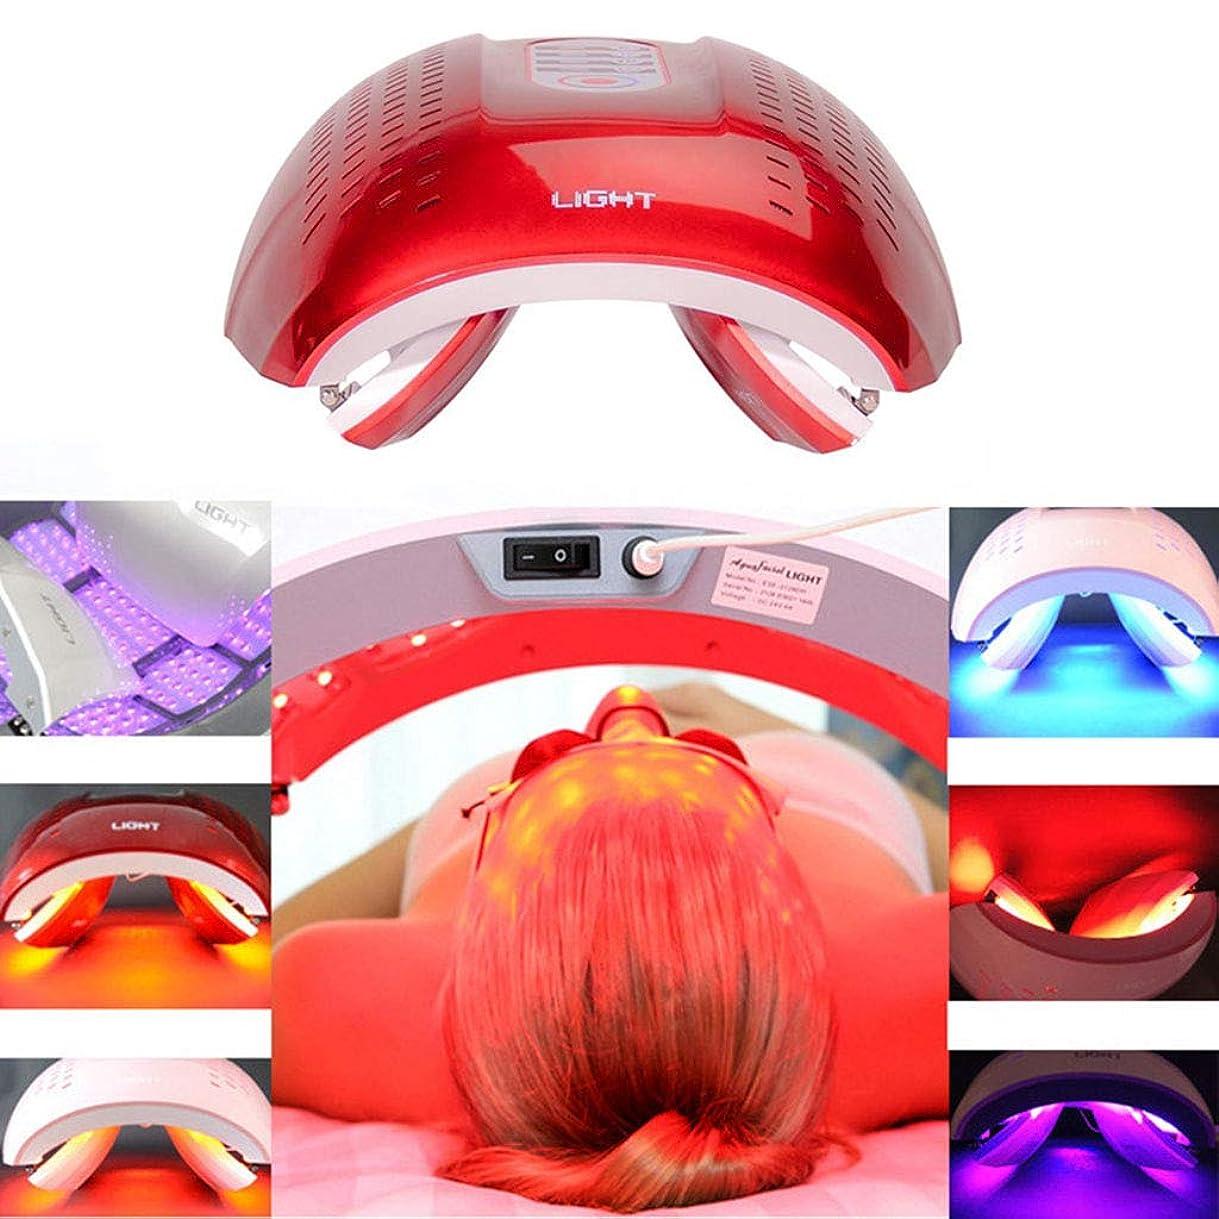 突然救急車に話すLED光子の顔の若返りの美の器械、4色PDTの分光計、肌の引き締め美白の強化,Red